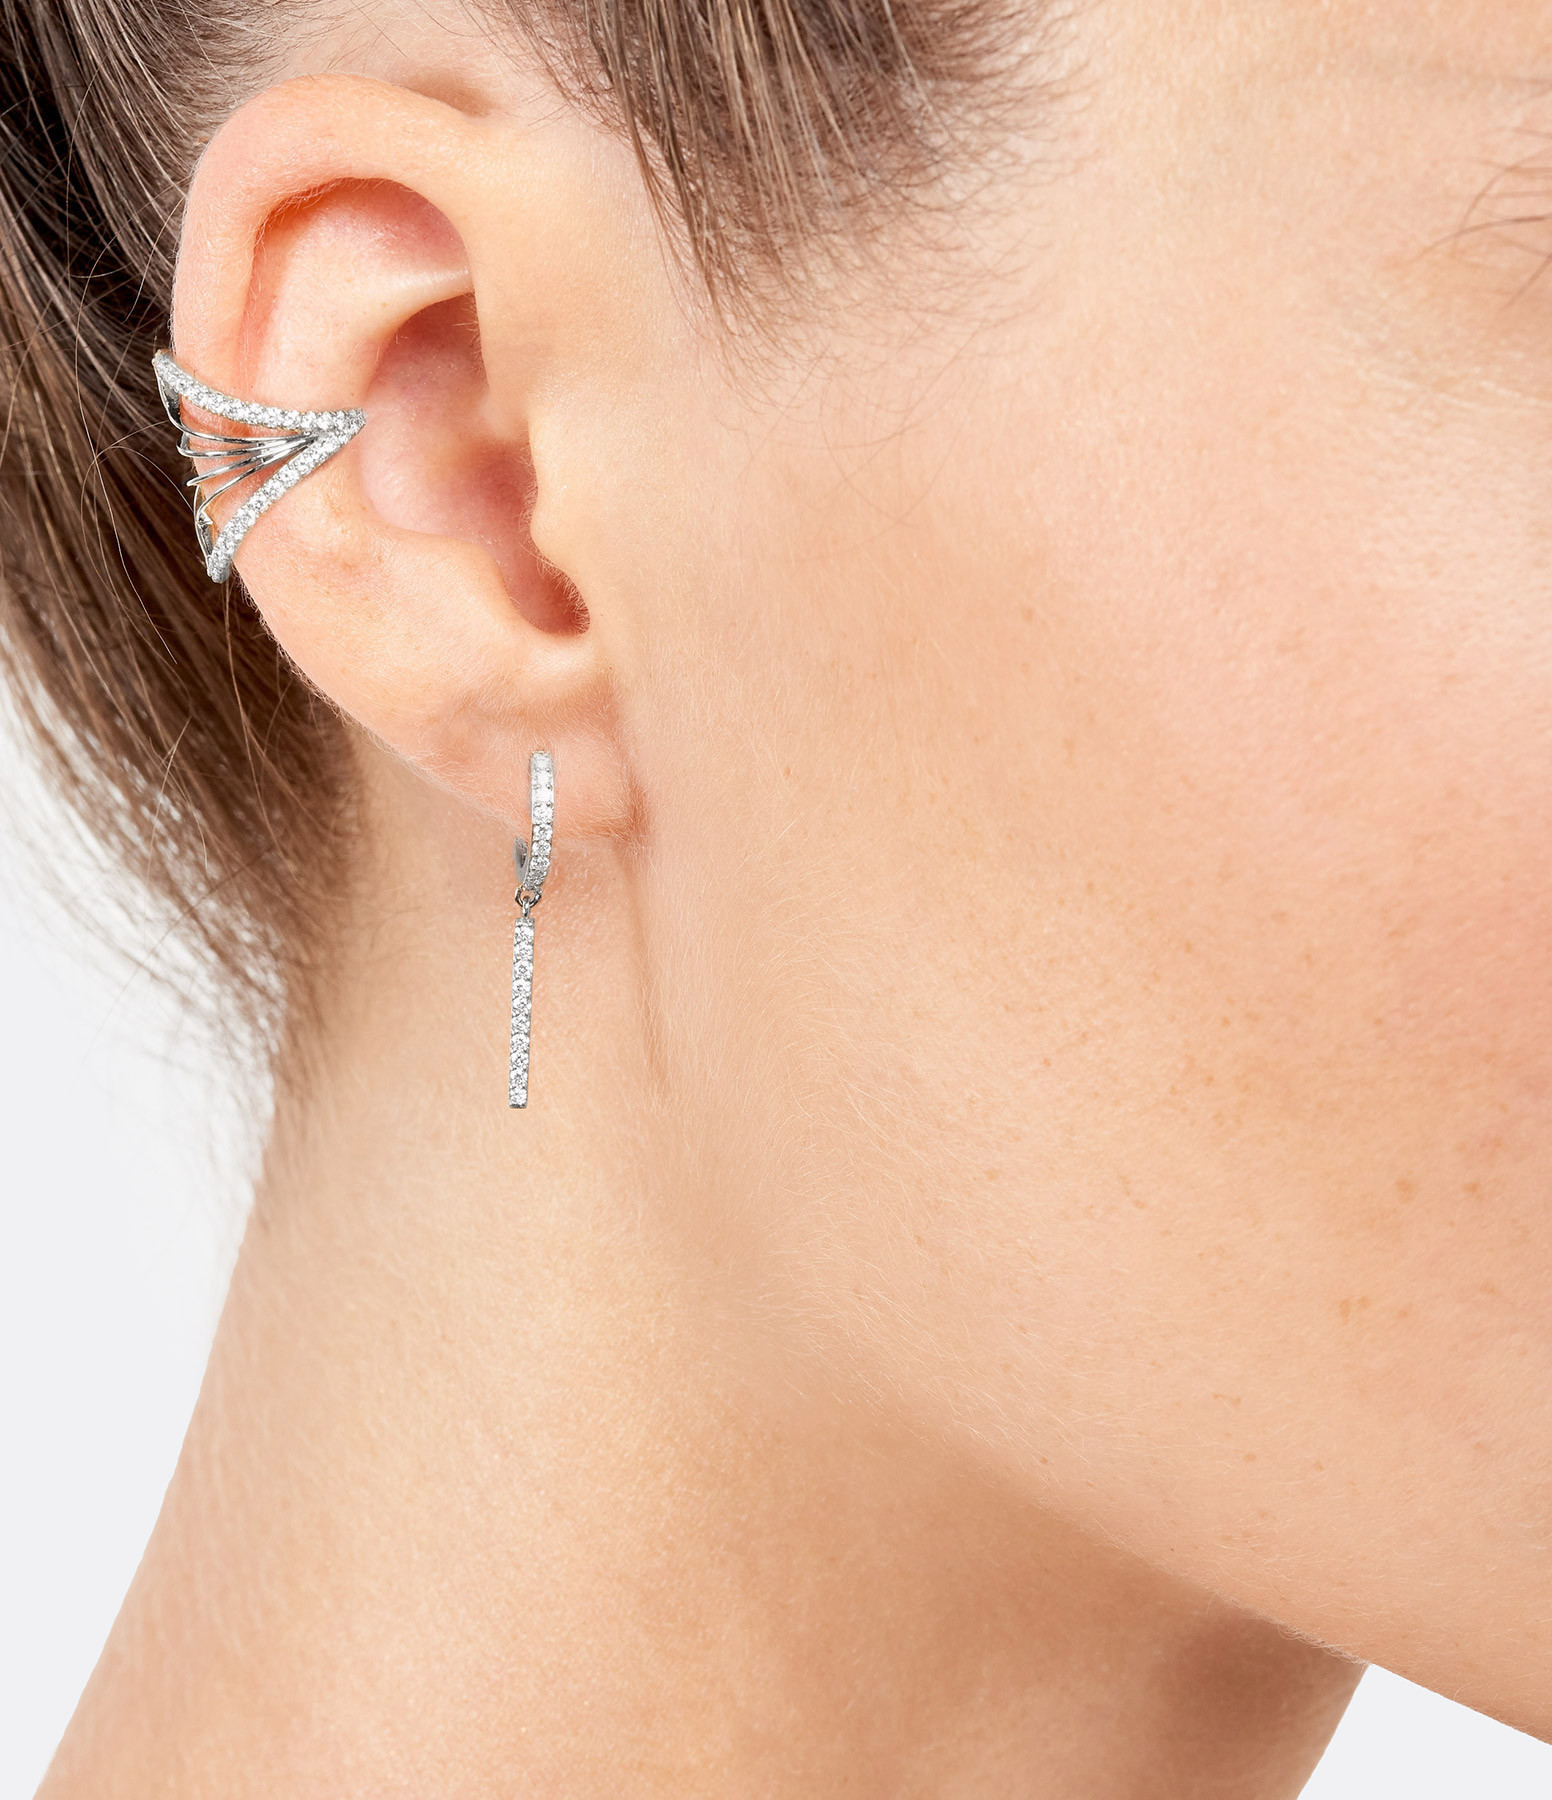 NAVA JOAILLERIE - Boucle d'oreille Hash Diamants Or Blanc (Vendue à l'unité)